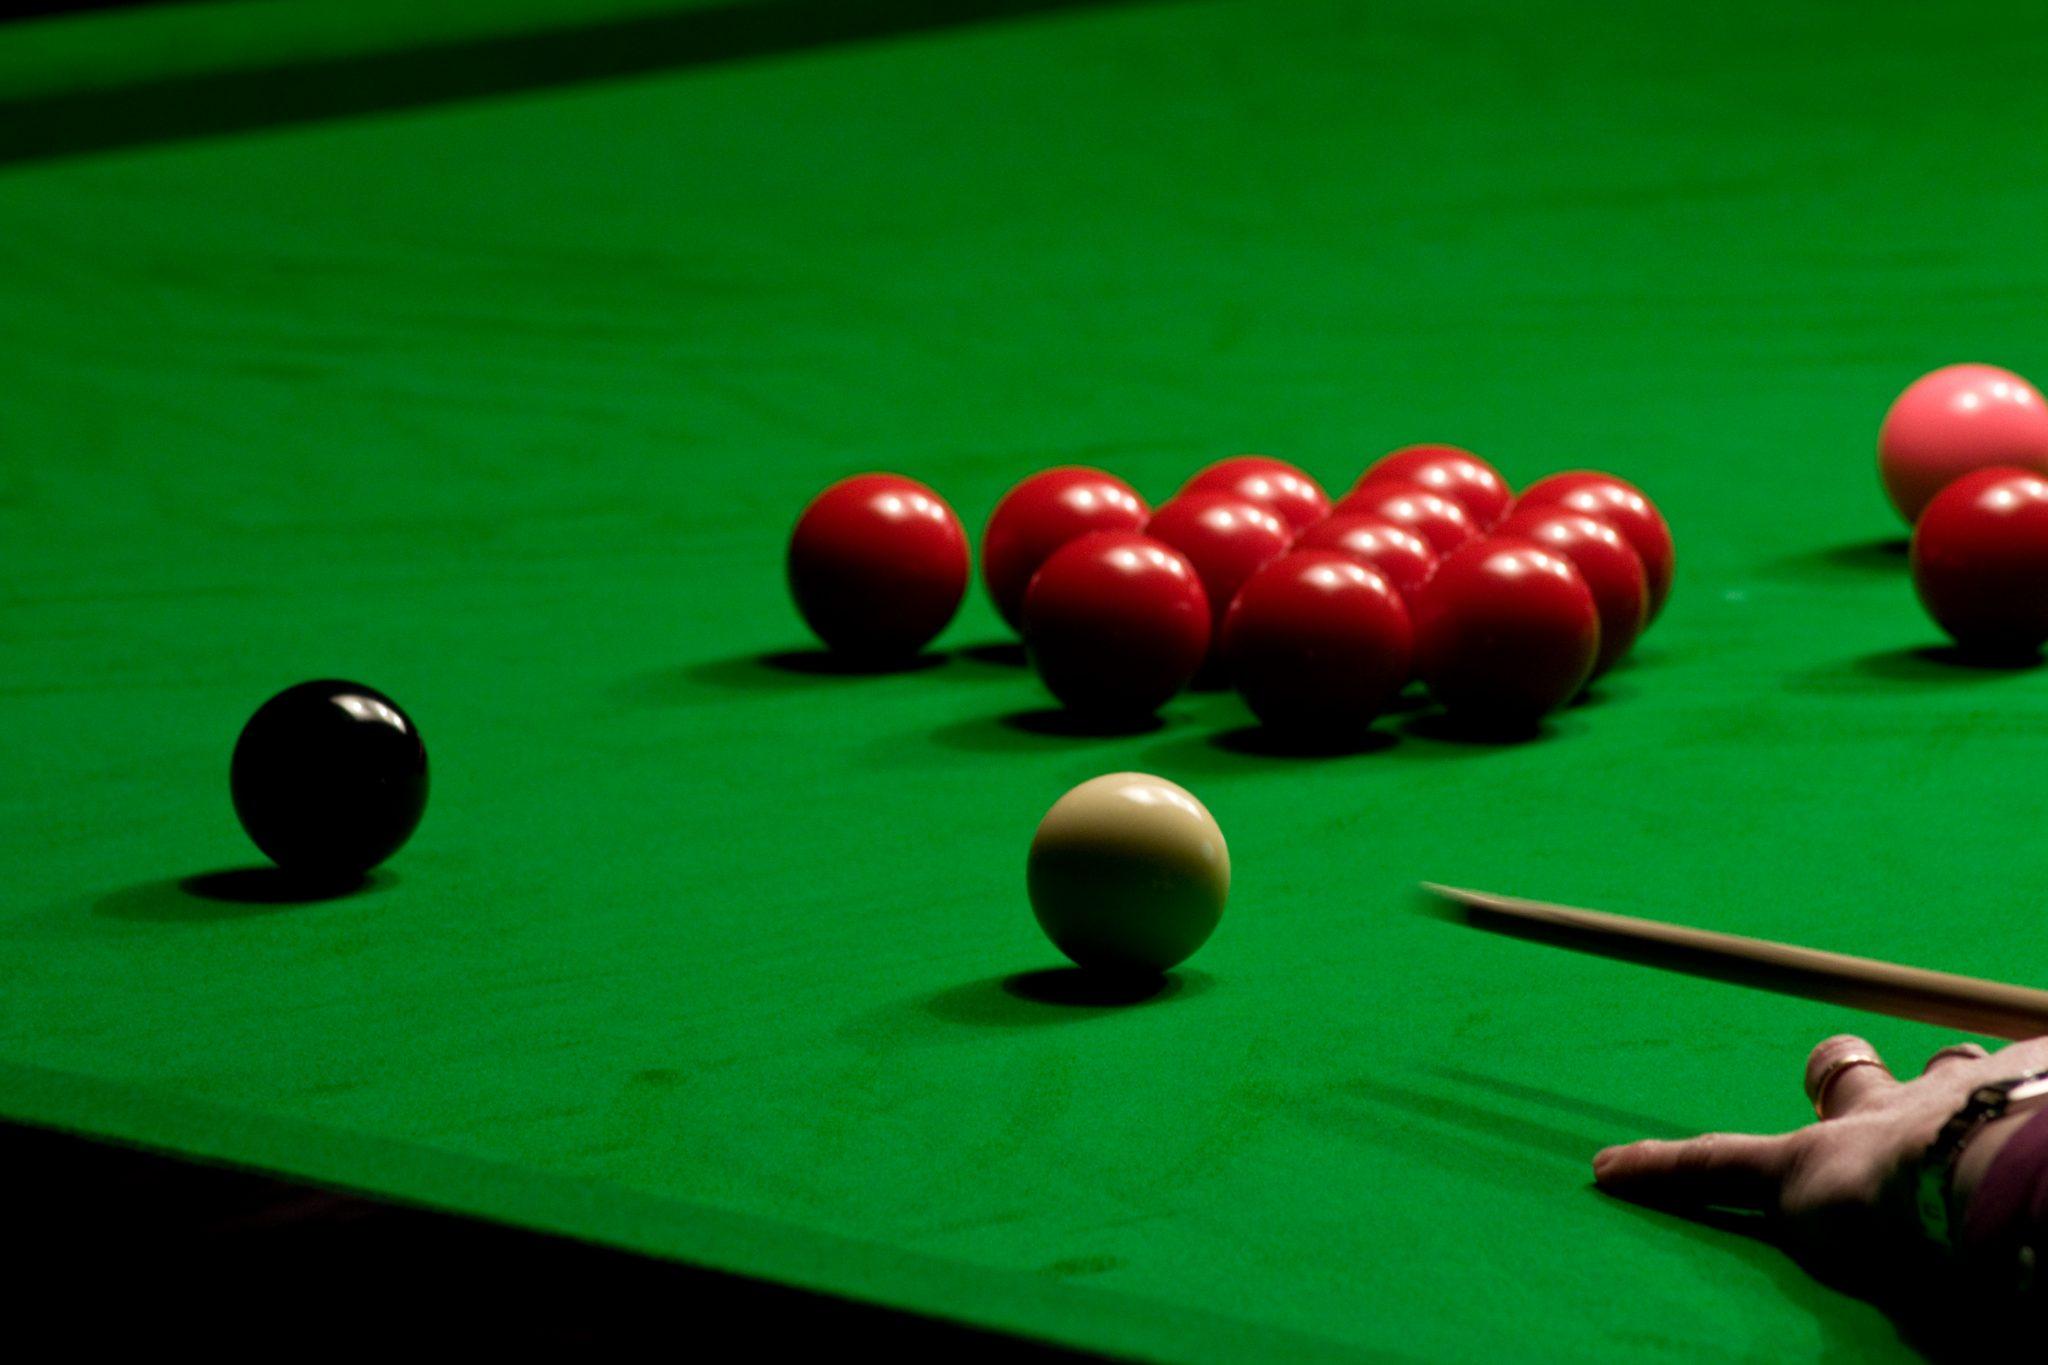 Hucknall Open Snooker Tournament (28/04/19)